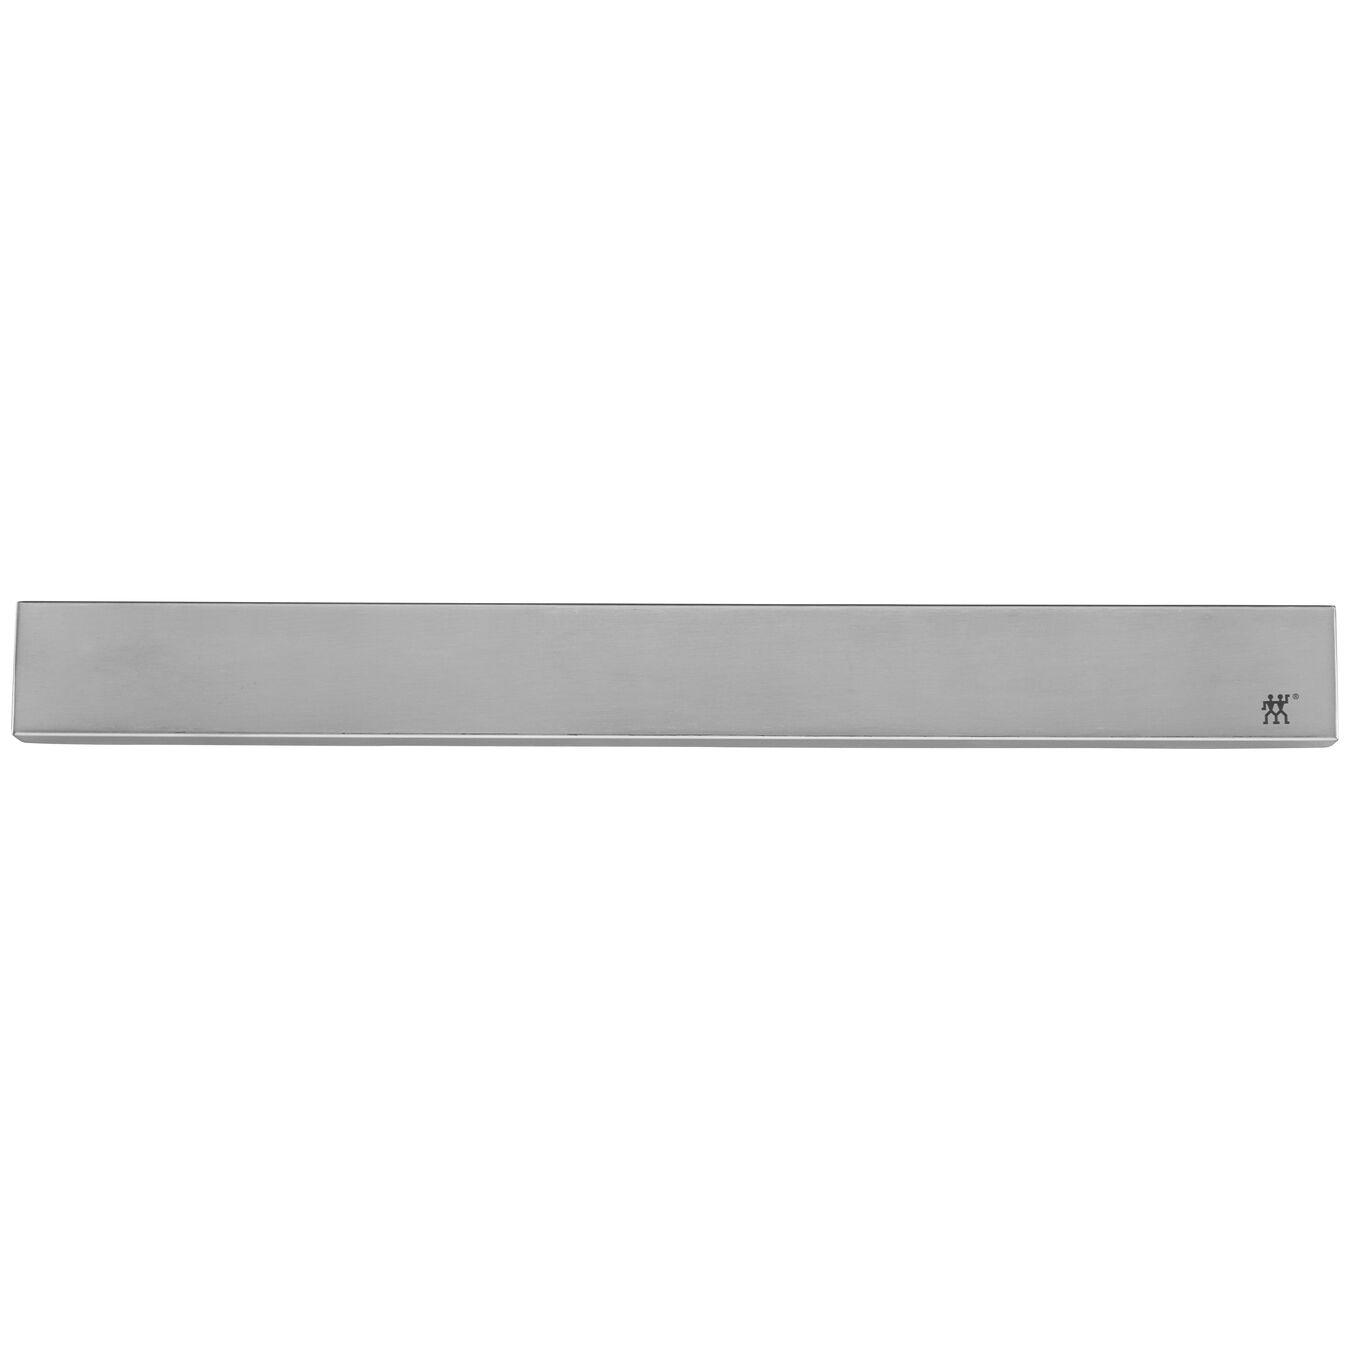 Magnetic knife bar 53 cm Steel,,large 1